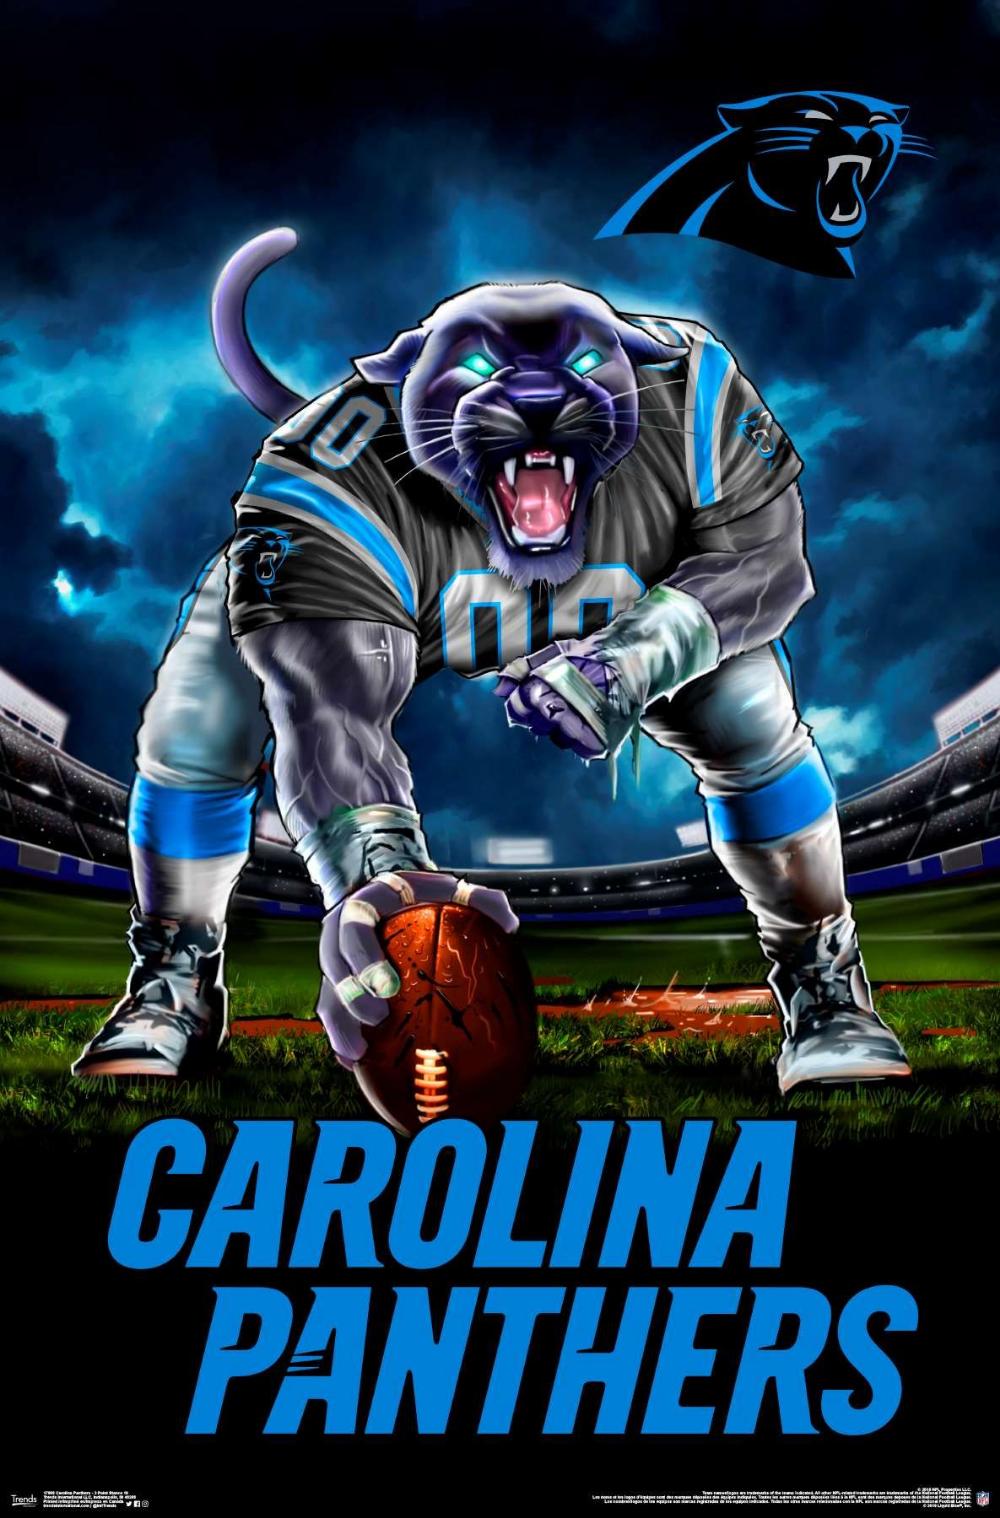 Nfl Carolina Panthers 3 Point Stance 19 Carolina Panthers Football Nfl Carolina Panthers Carolina Panthers